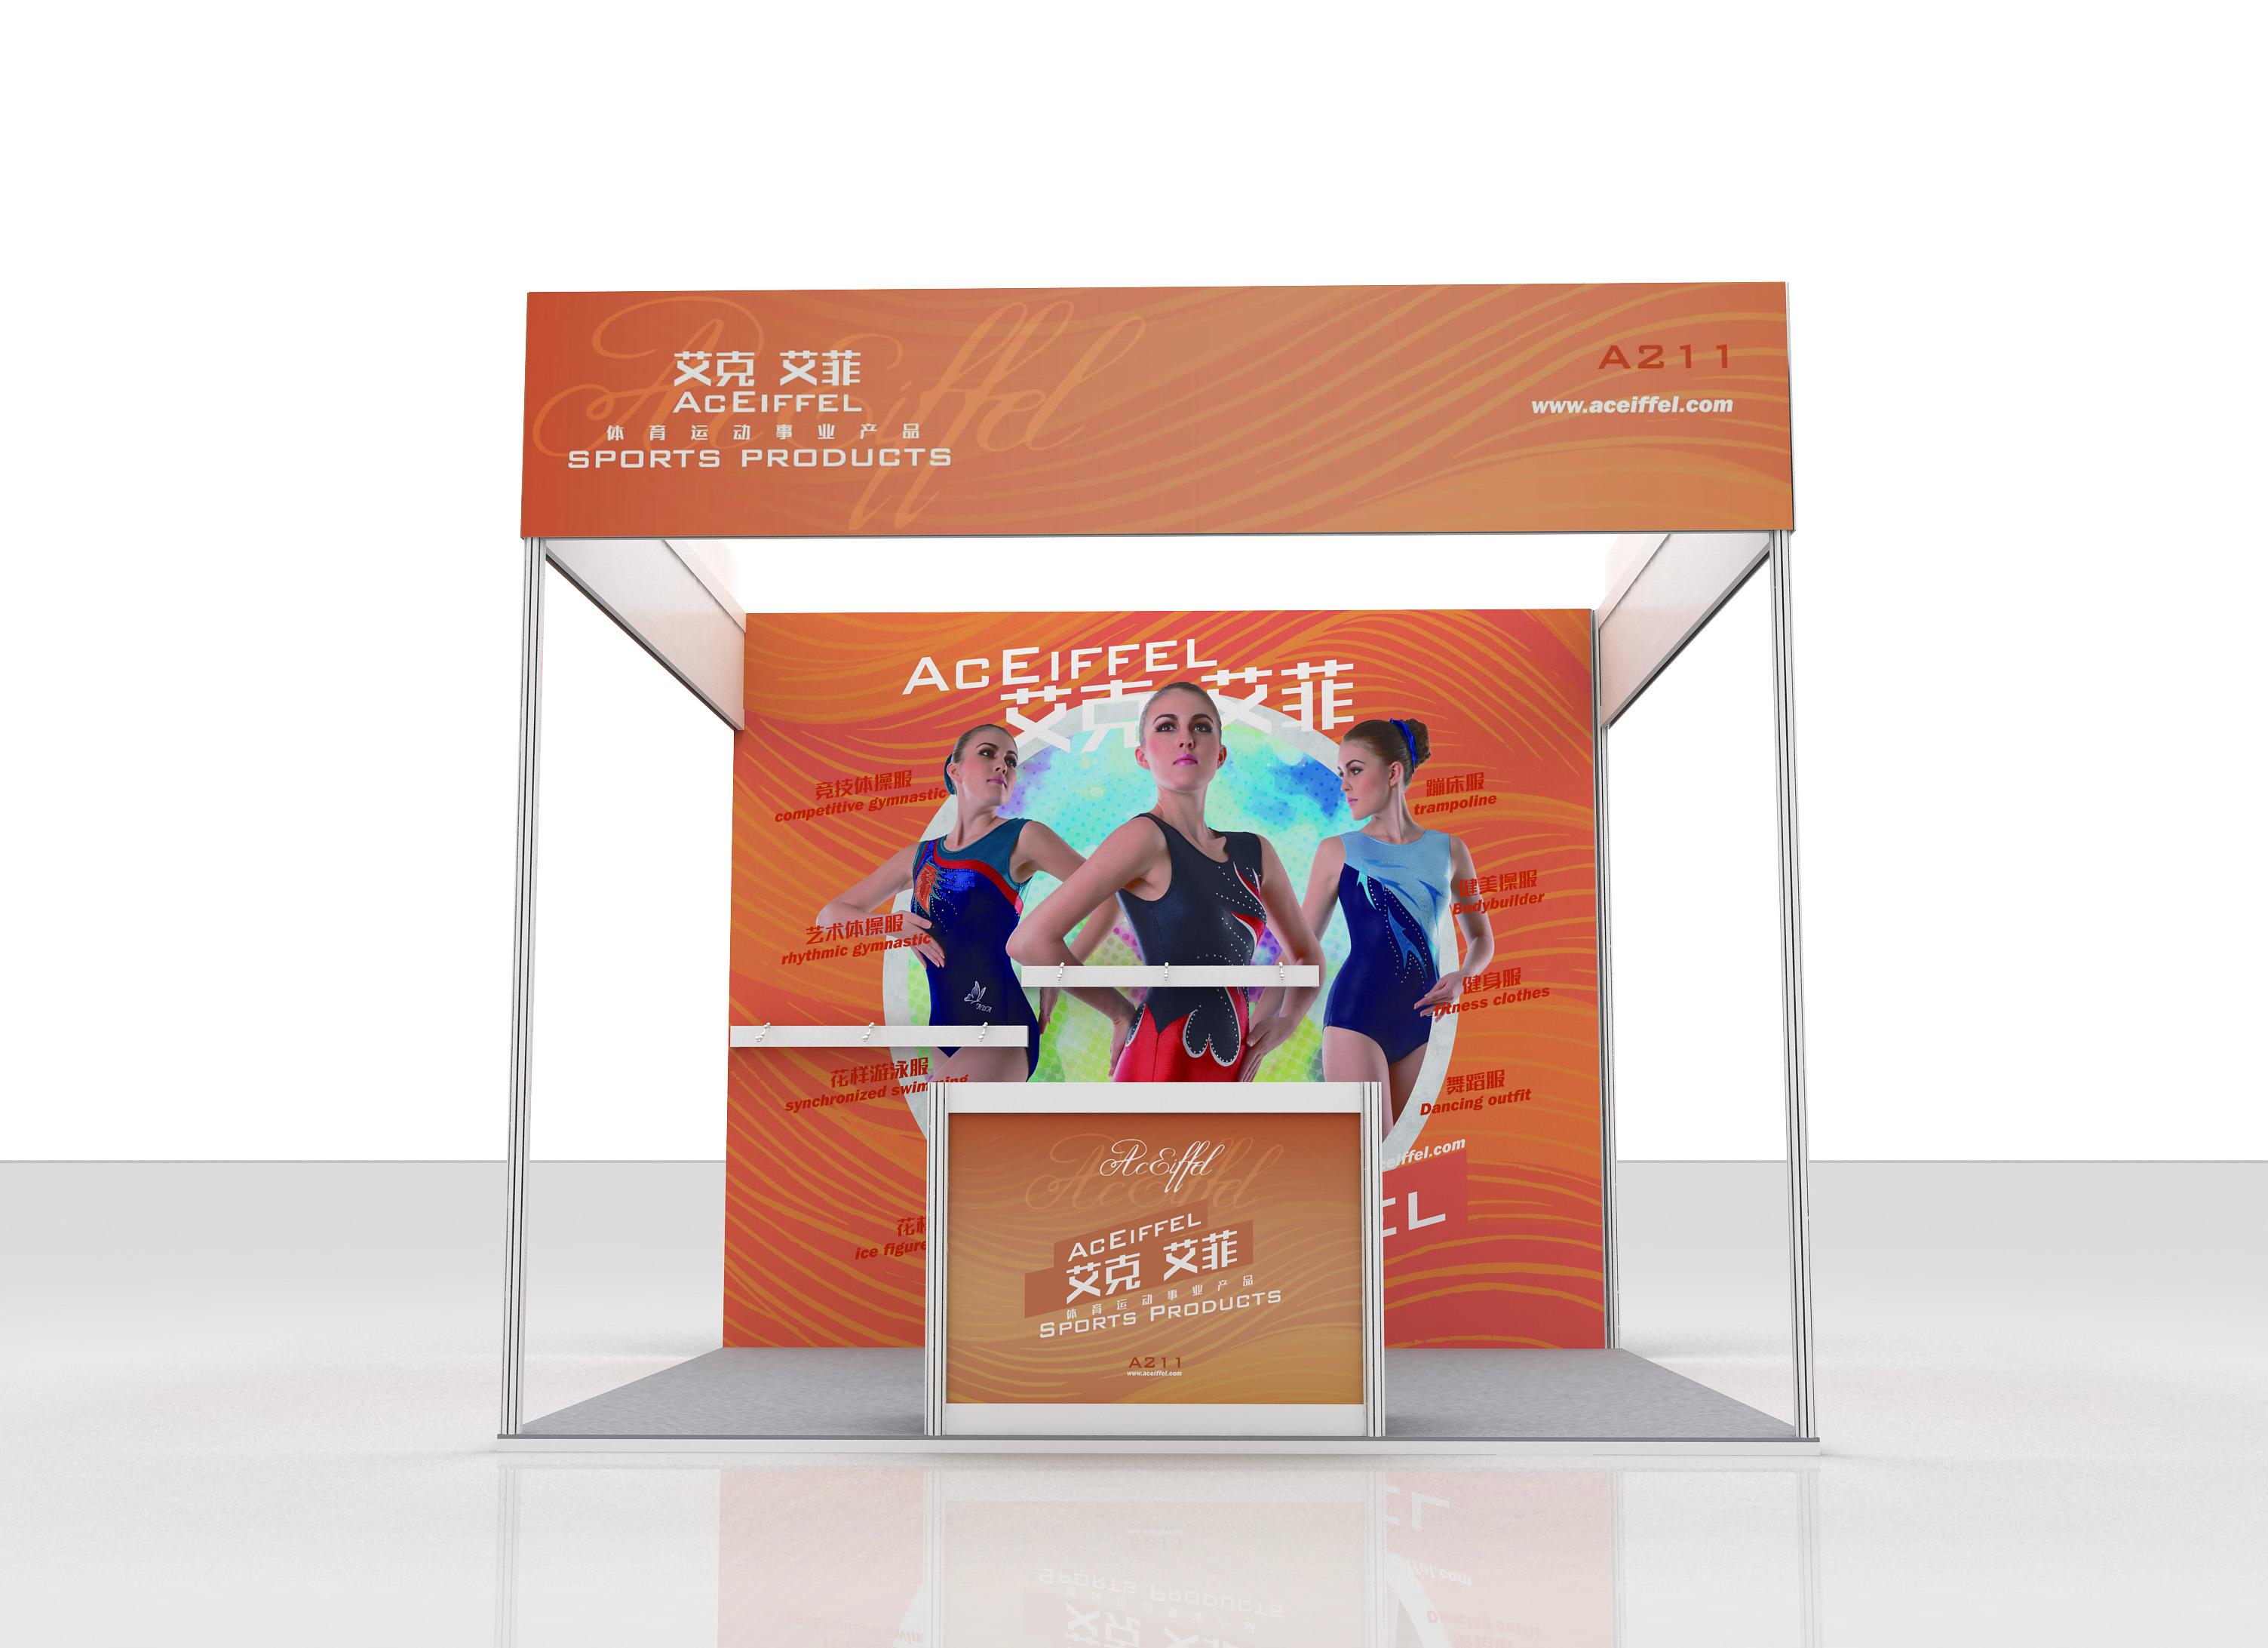 9平米展台布置 9平米展台效果图 9平米展位效果图